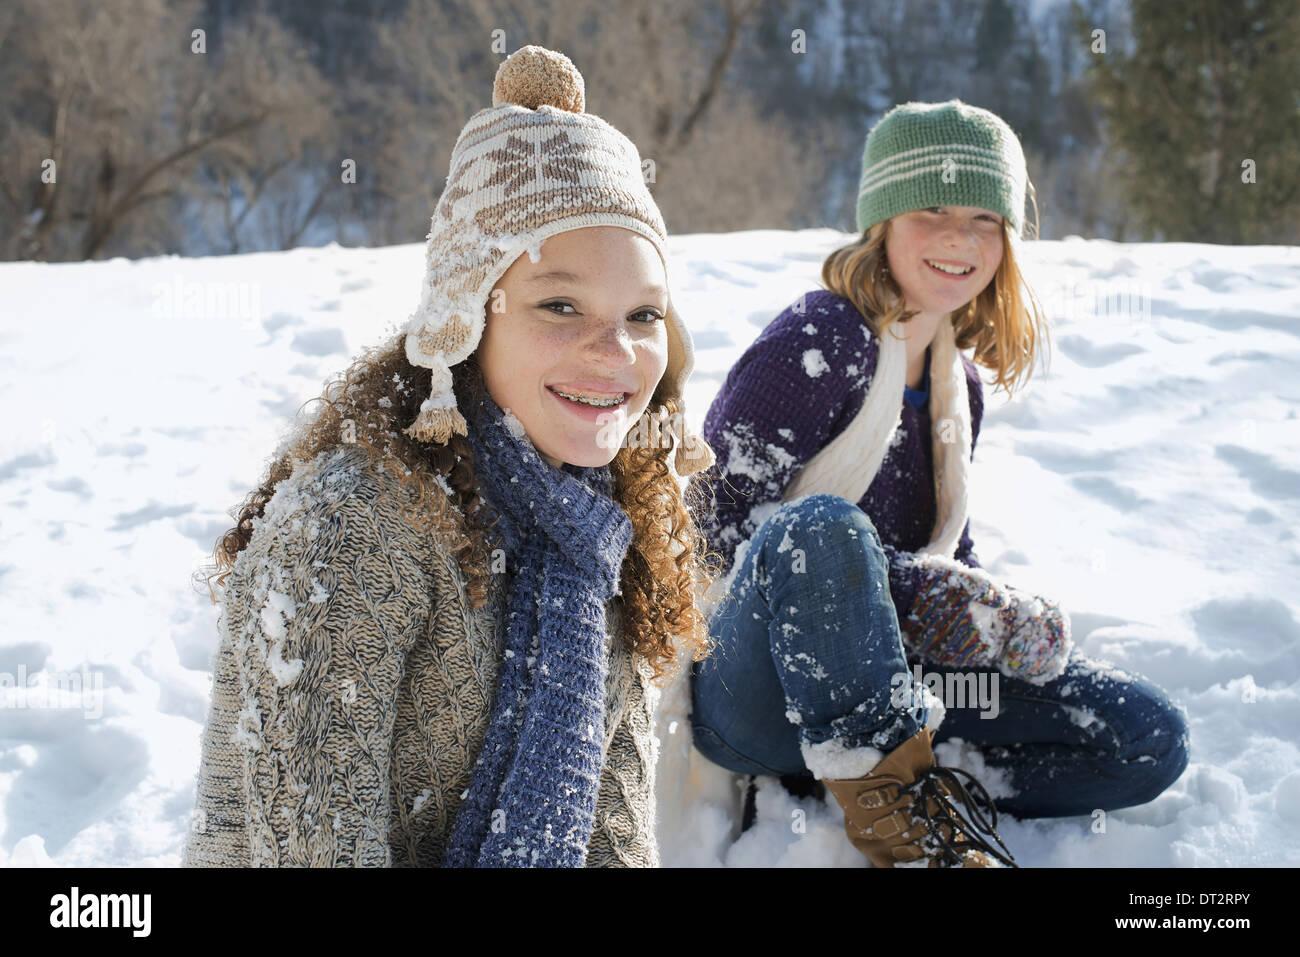 Paesaggio invernale con neve sulla terra una donna e un bambino seduto sul terreno di ridere Immagini Stock